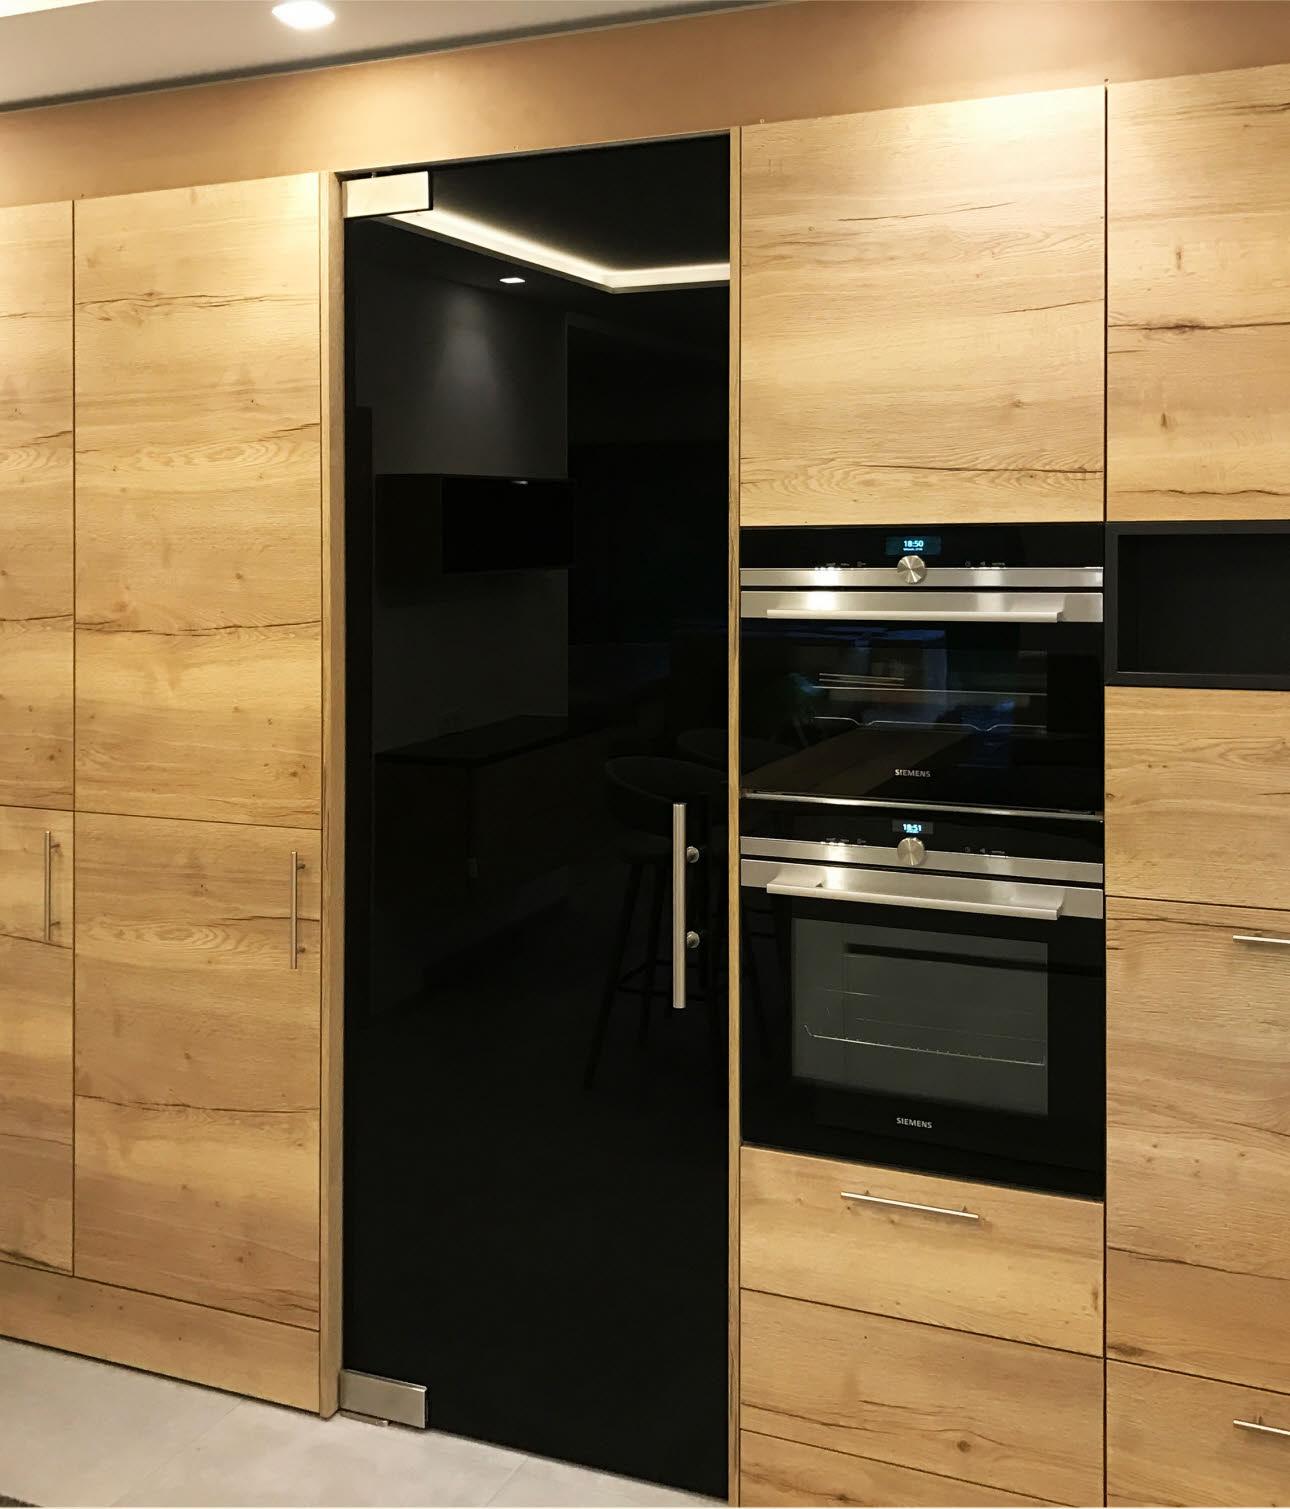 Wunderbar Küche Holz Bilder - Schönes Wohnungideen - getpaidteam.info